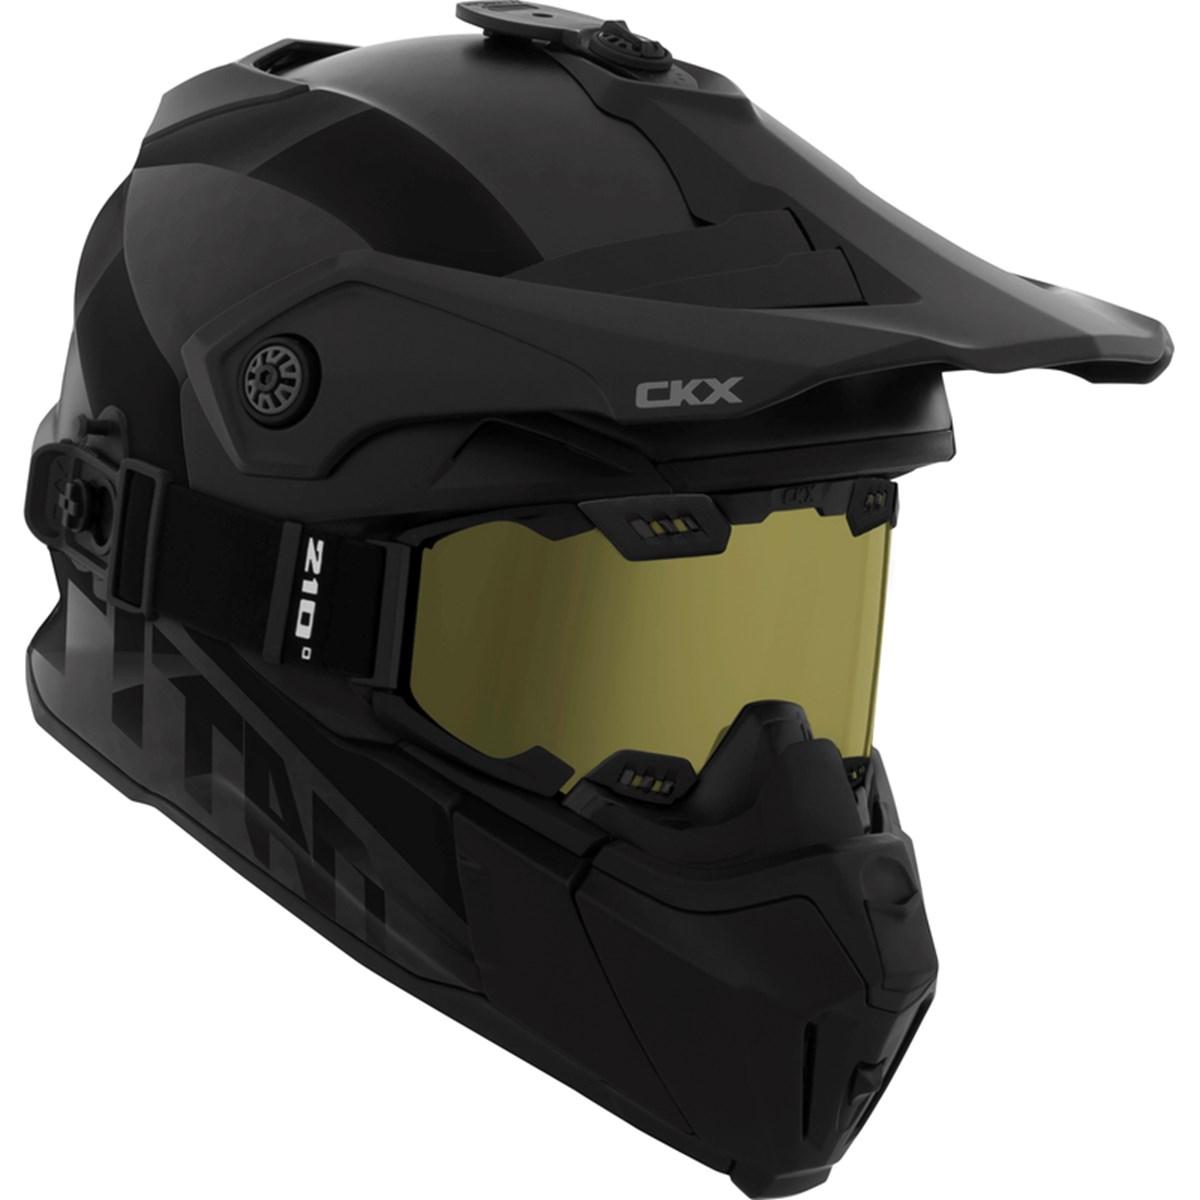 CKX Titan Hjälm + goggle svart - Snöskotrar 4f80e17ab1f89